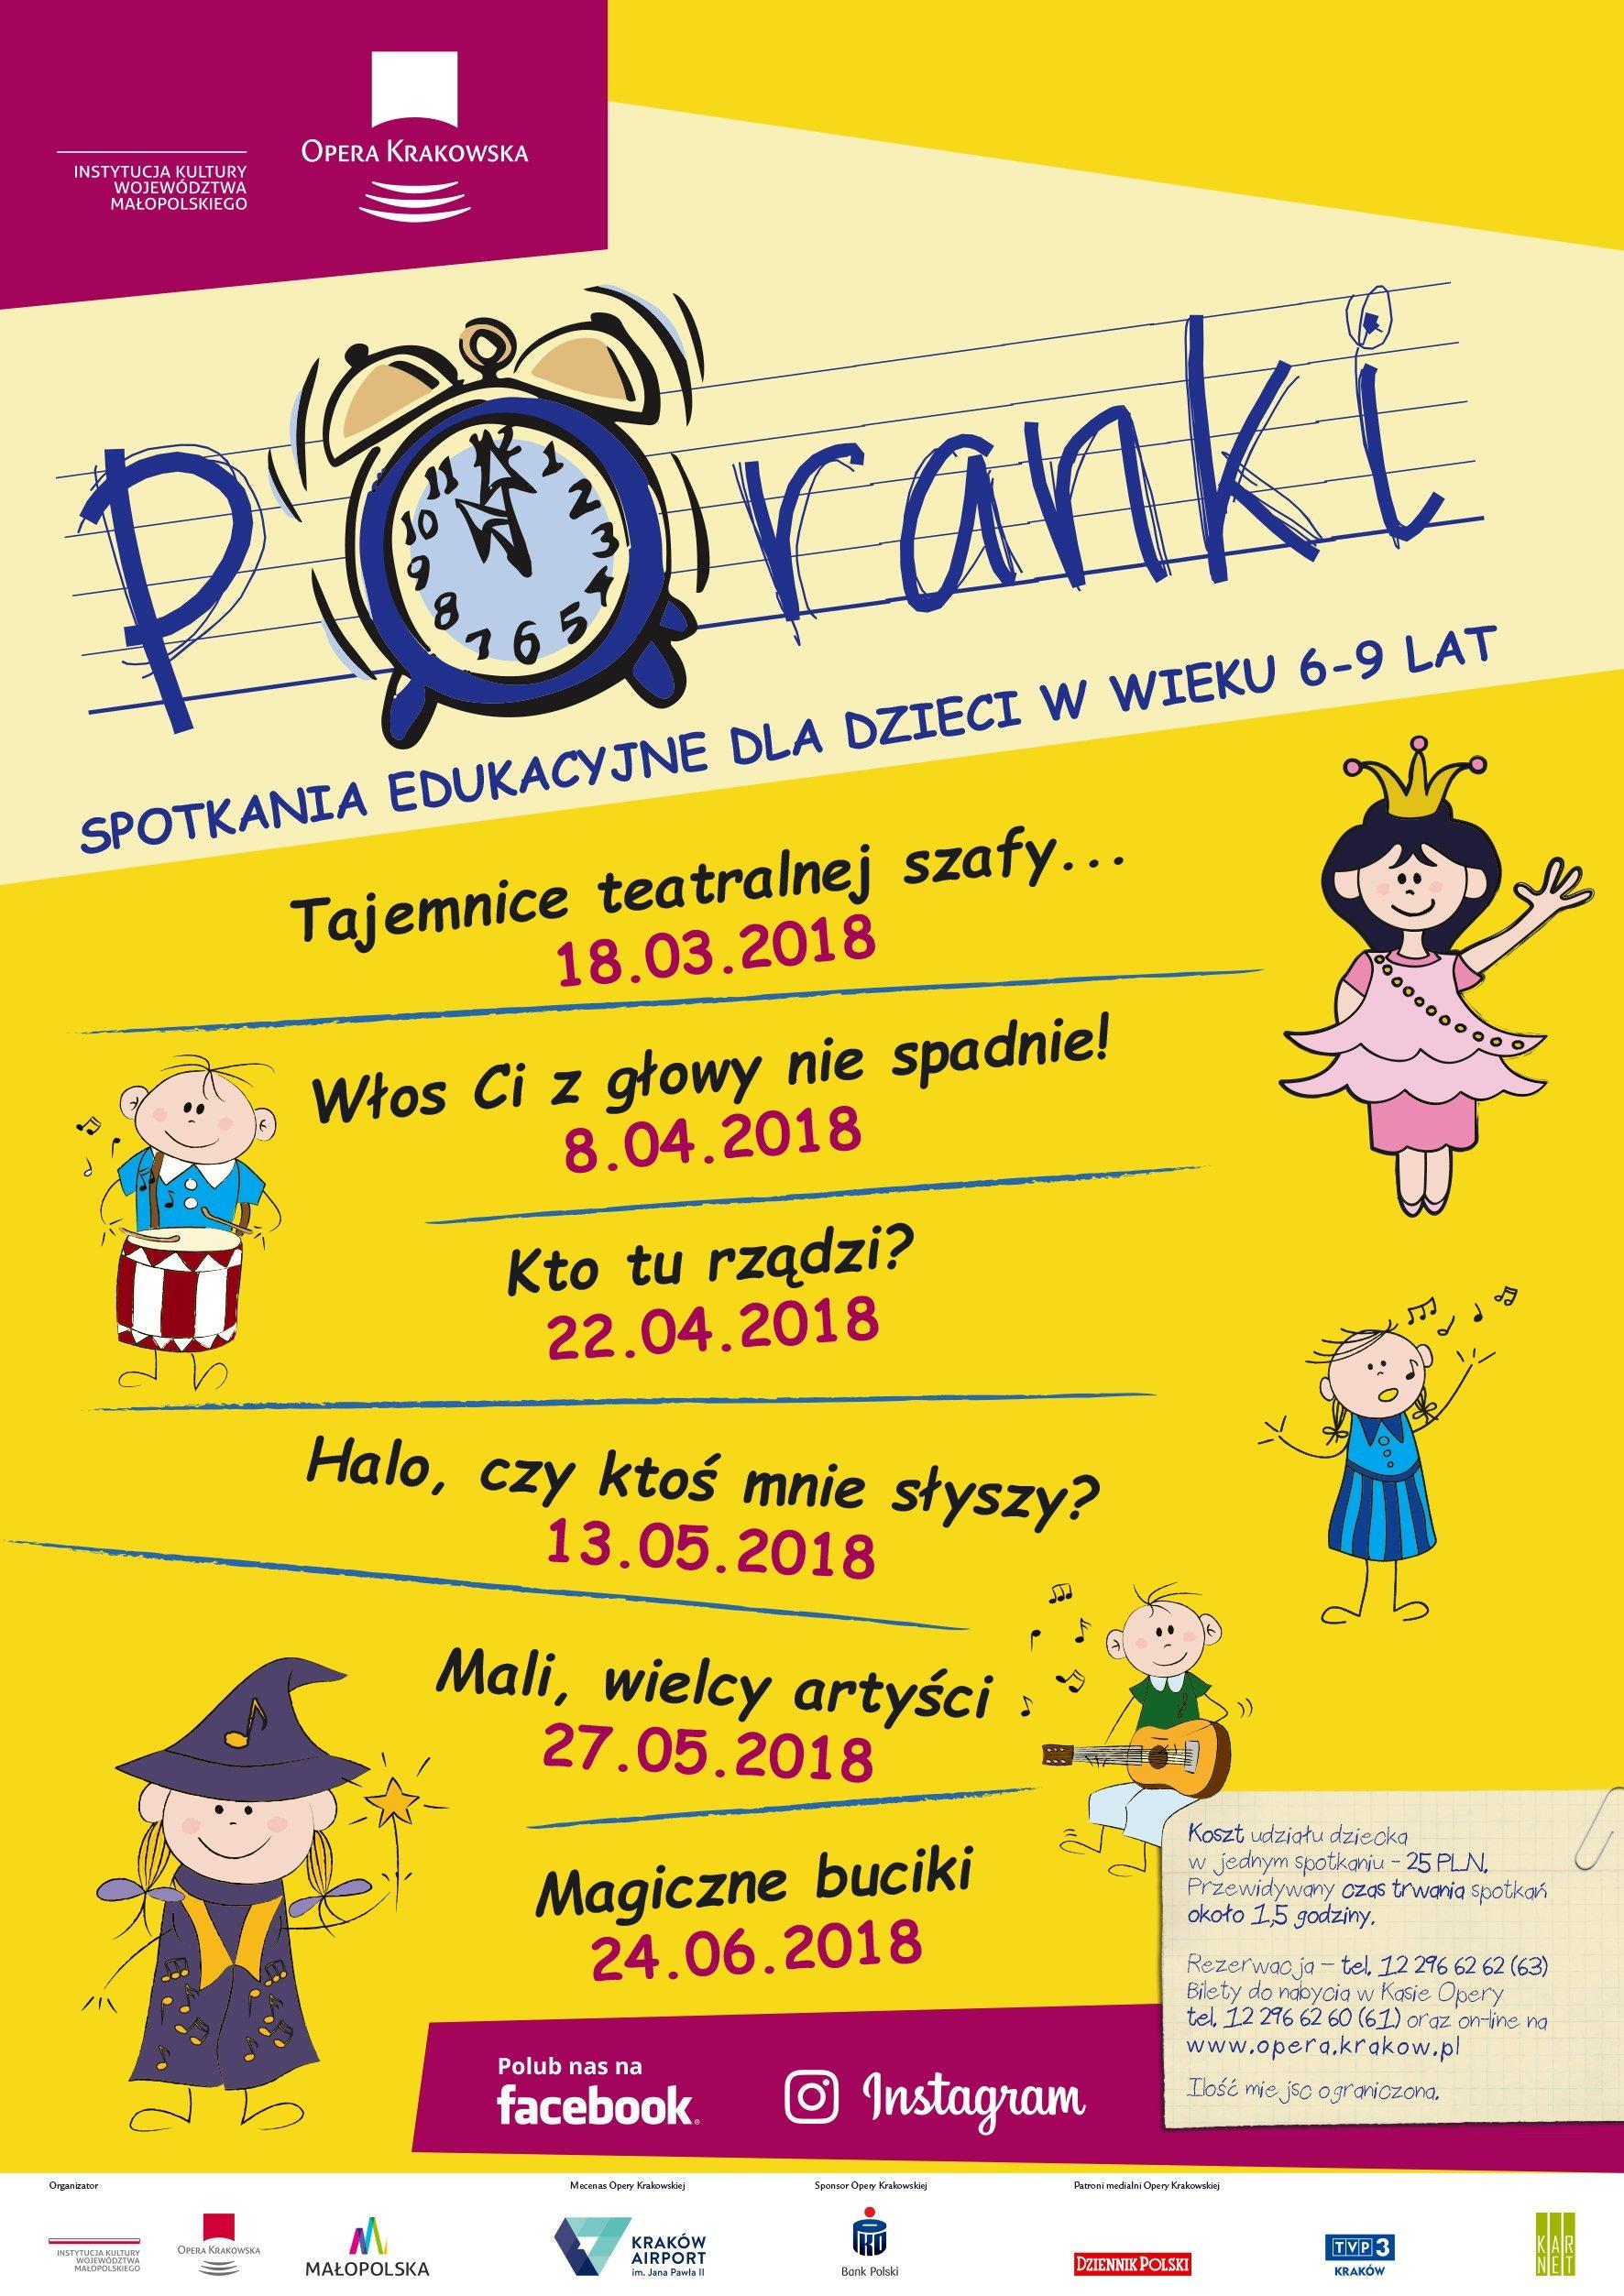 Poranki - cykl spotkań edukacyjnych dla dzieci w Operze Krakowskiej!